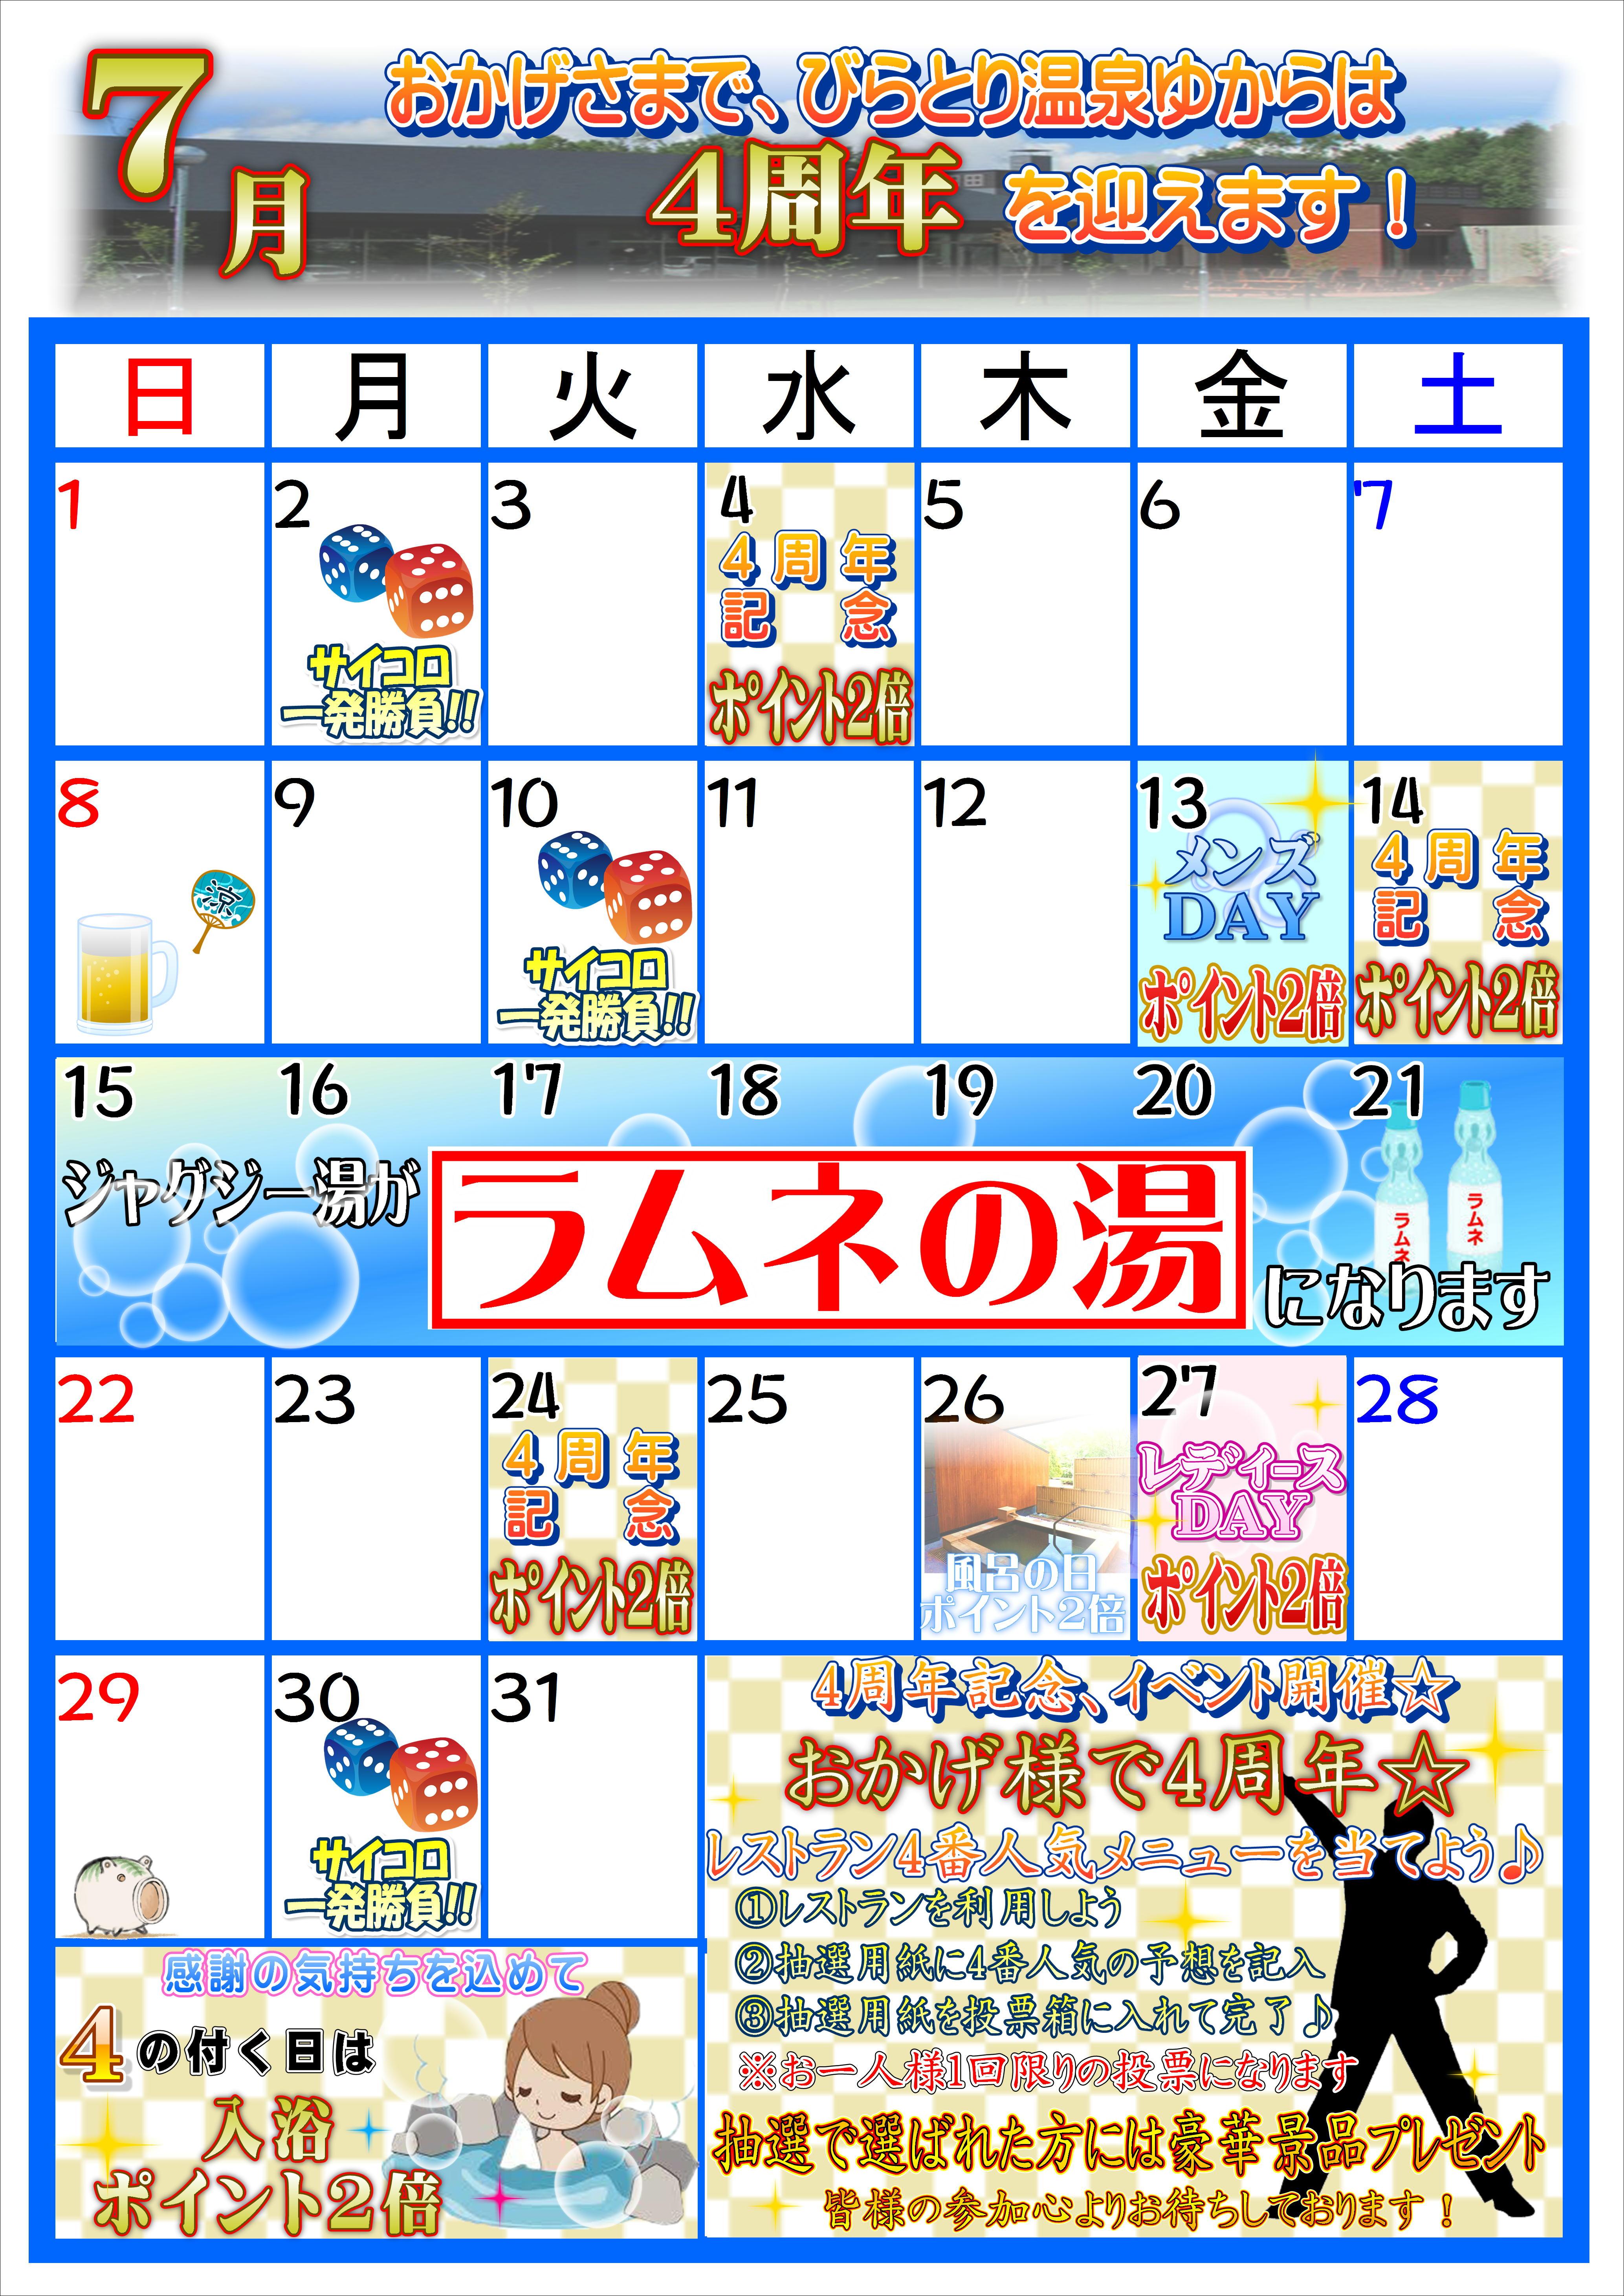 30年 7月イベントカレンダー ポップ.JPEG